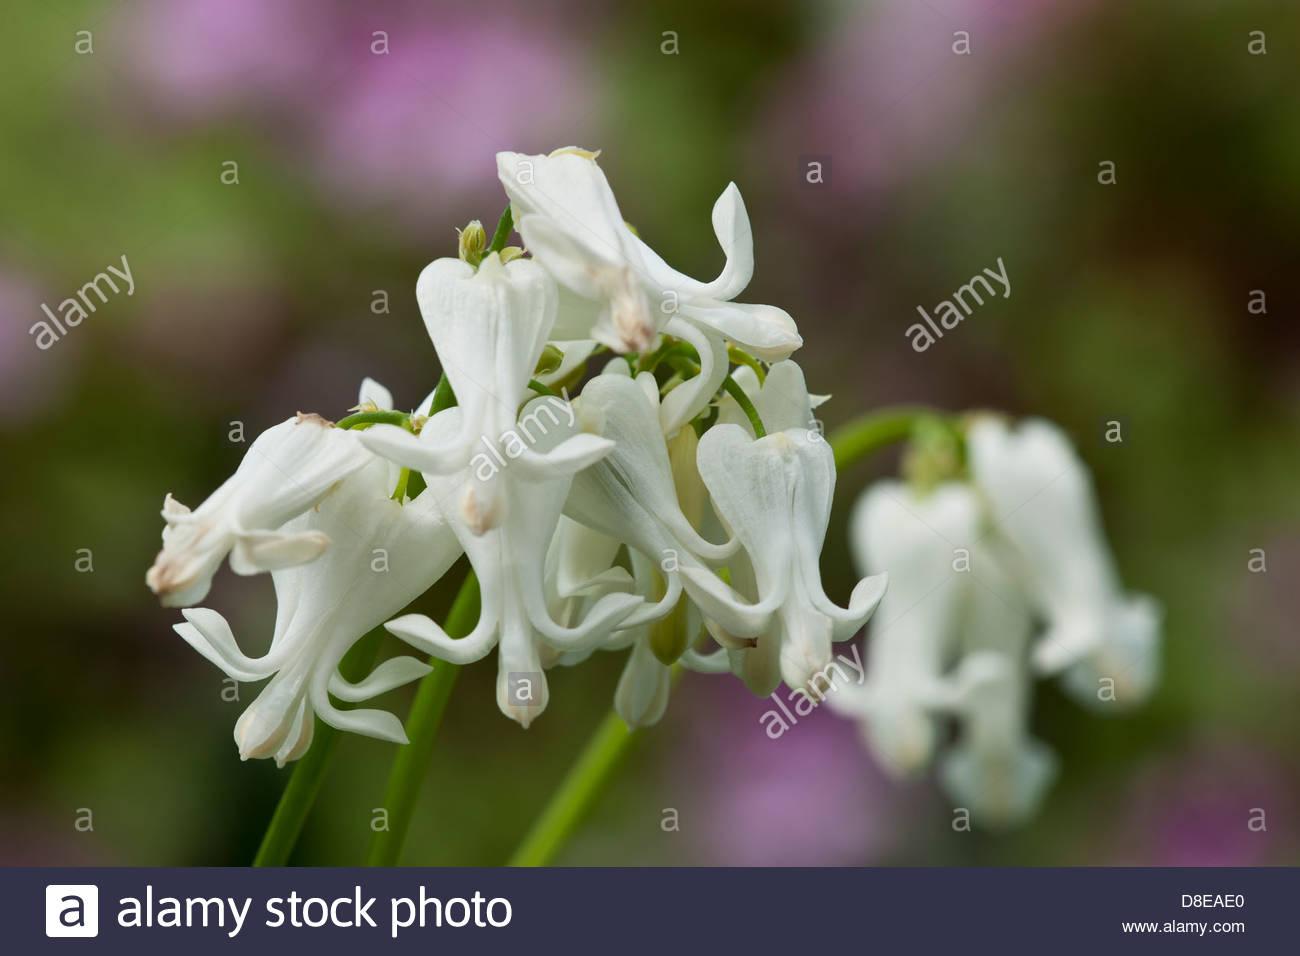 Dicentra cuori avorio Fern-leaf Bleedingheart estate perenne di fiori bianchi foglie blu fogliame può pianta Immagini Stock